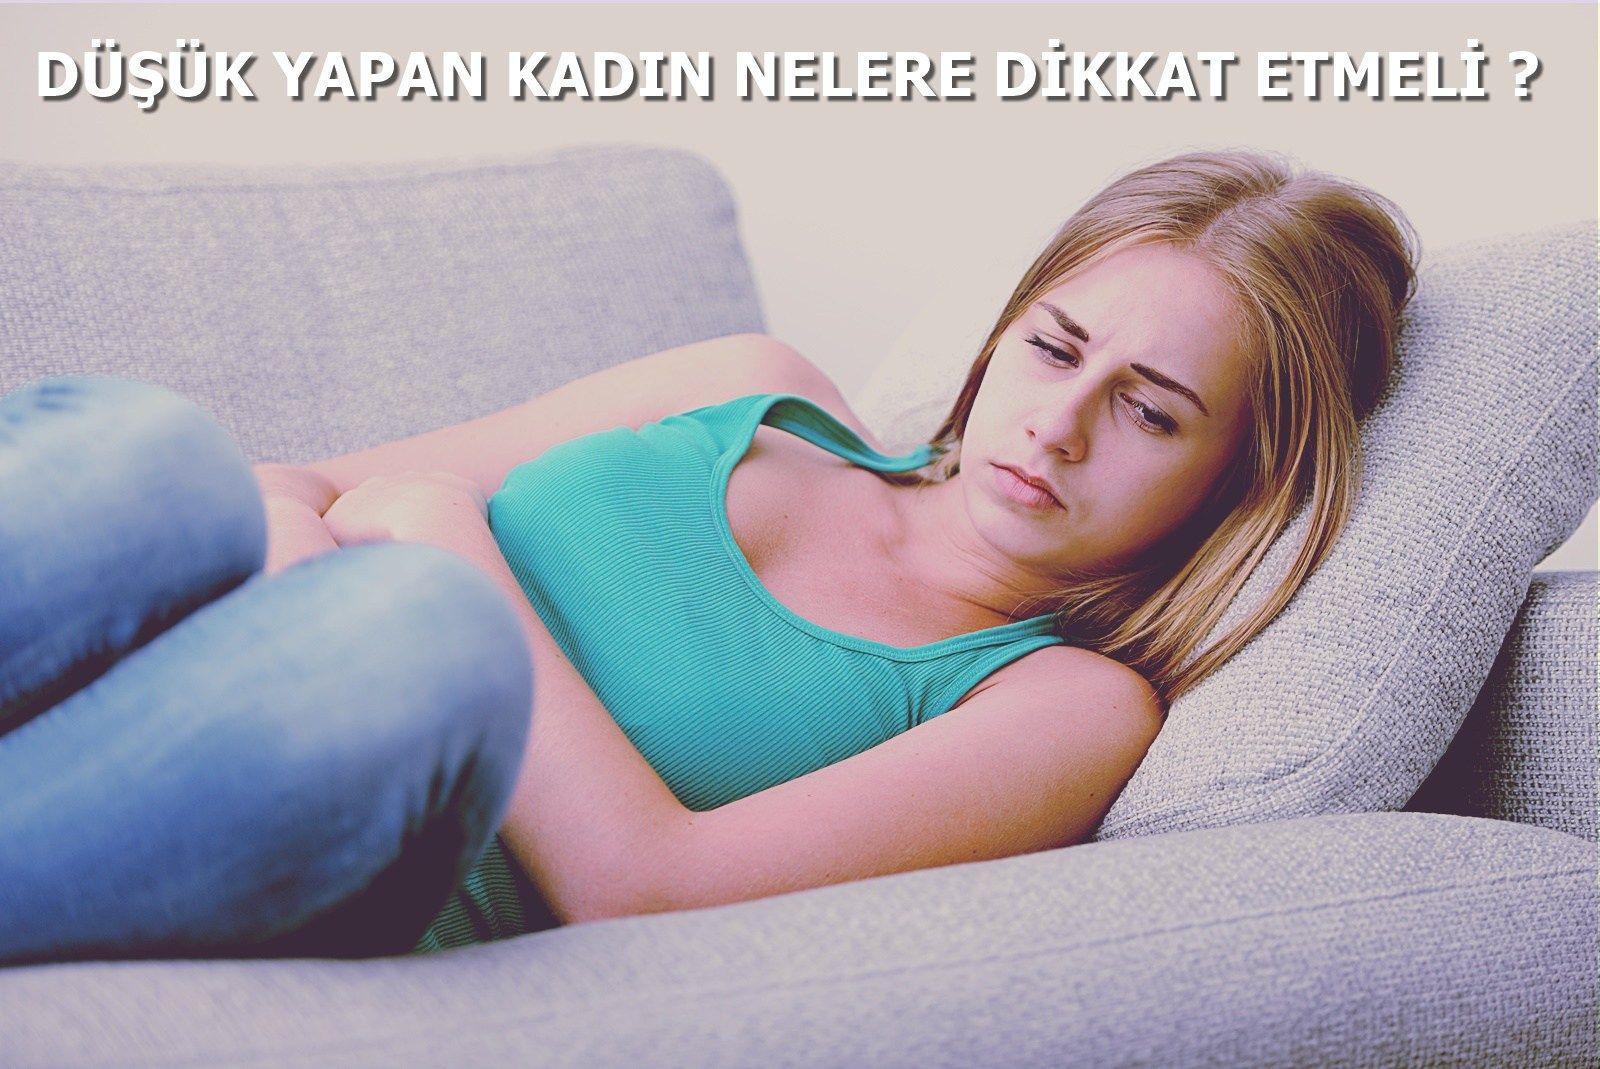 Düşük yapan kadınlarda nelere dikkat edilmeli